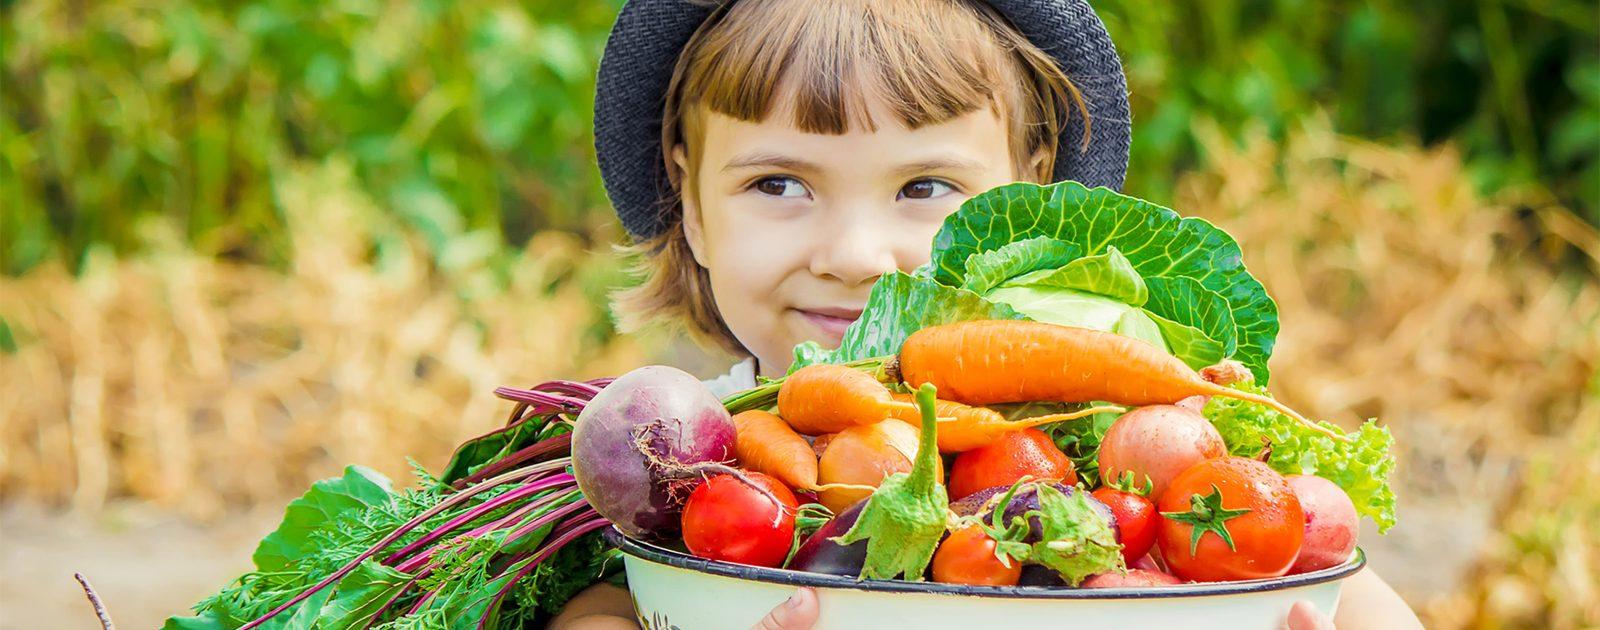 Mädchen hält Schale mit viel Obst, um Vitaminmangel vorzubeugen